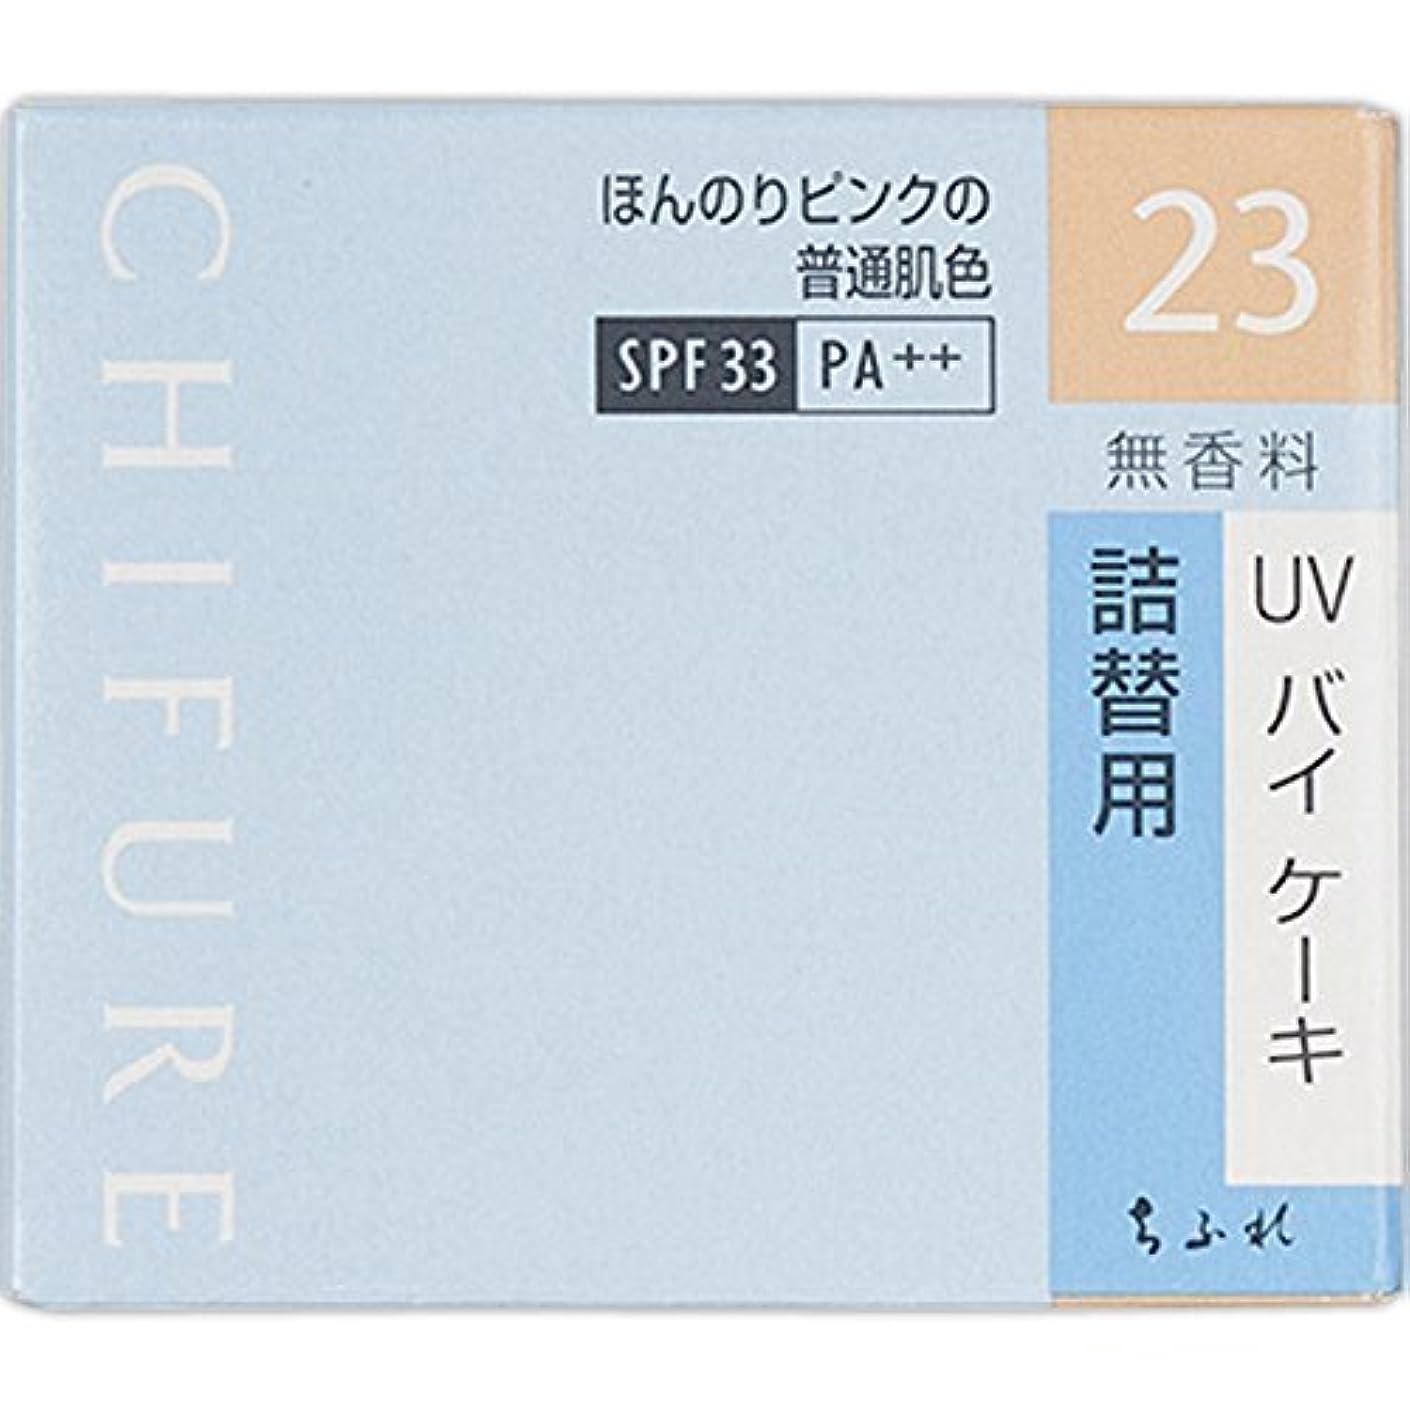 フレット息子効能あるちふれ化粧品 UV バイ ケーキ 詰替用 23 ほんのりピンク普通肌色 14g